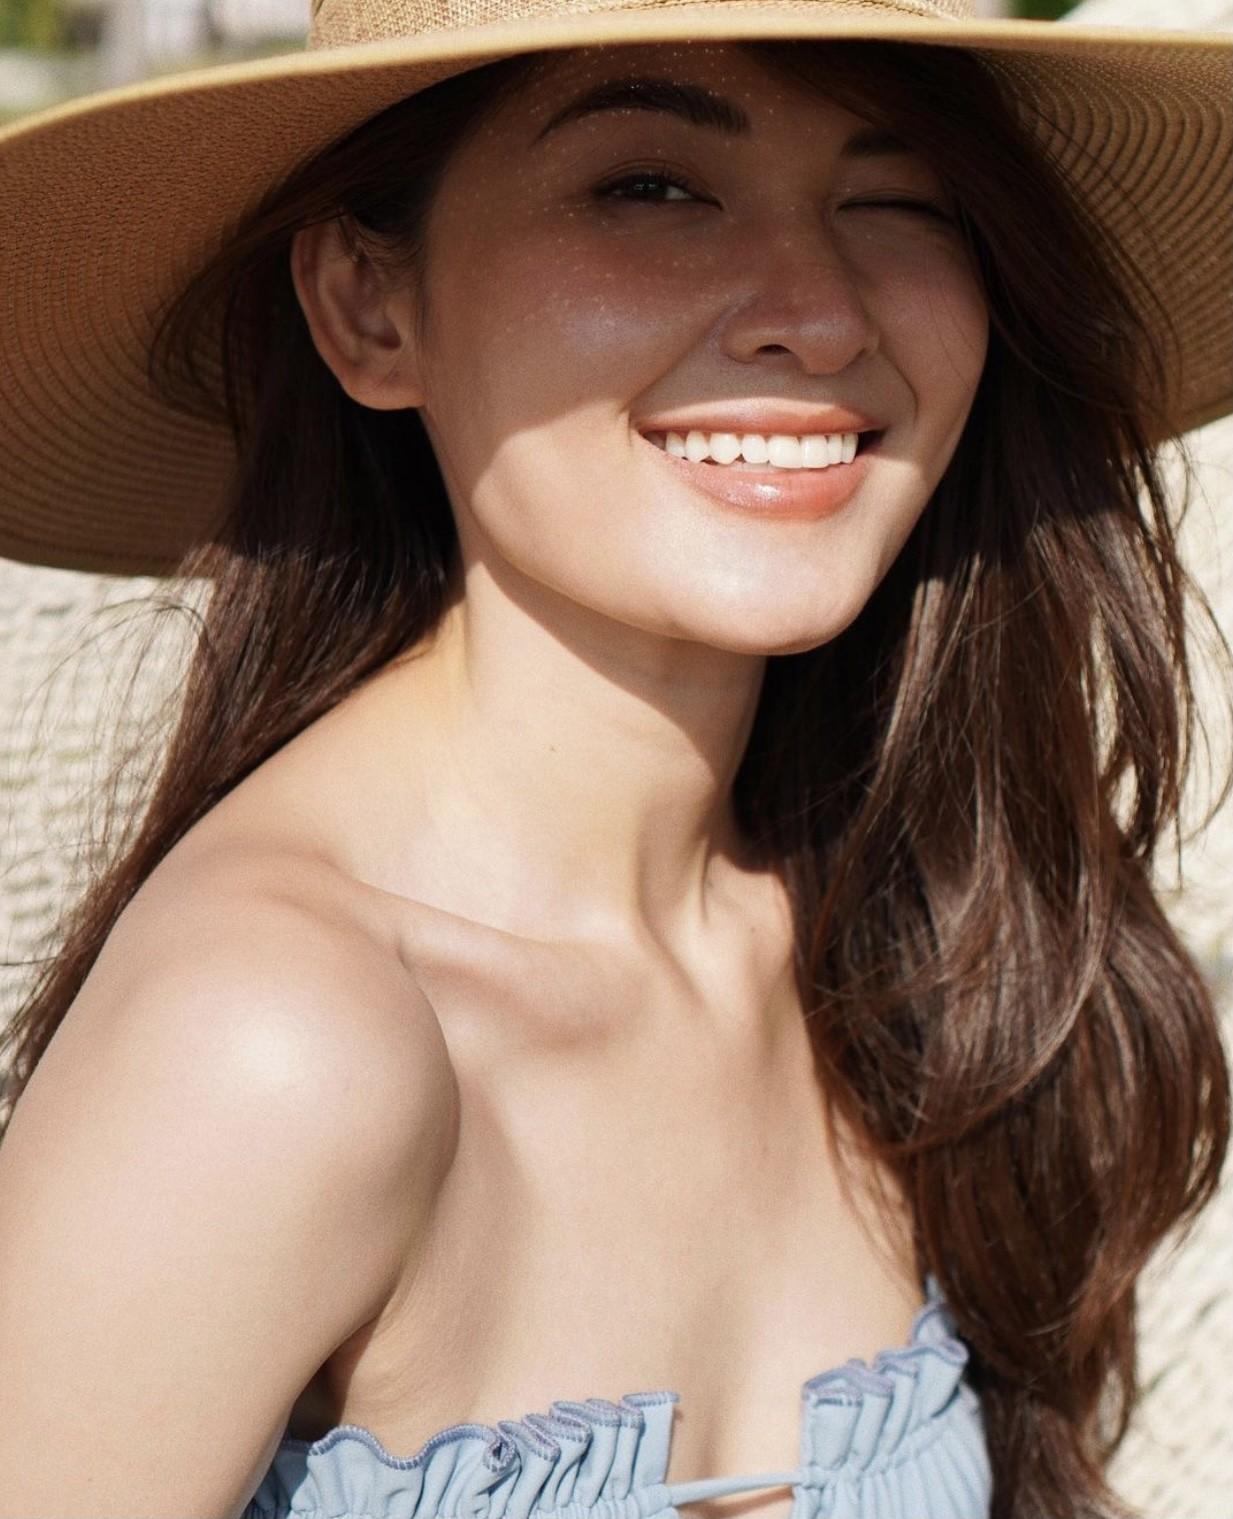 Á hậu Thuỳ Dung nóng bỏng với bikini trên biển, Đào Thị Hà mặc áo trễ nải quyến rũ ảnh 4